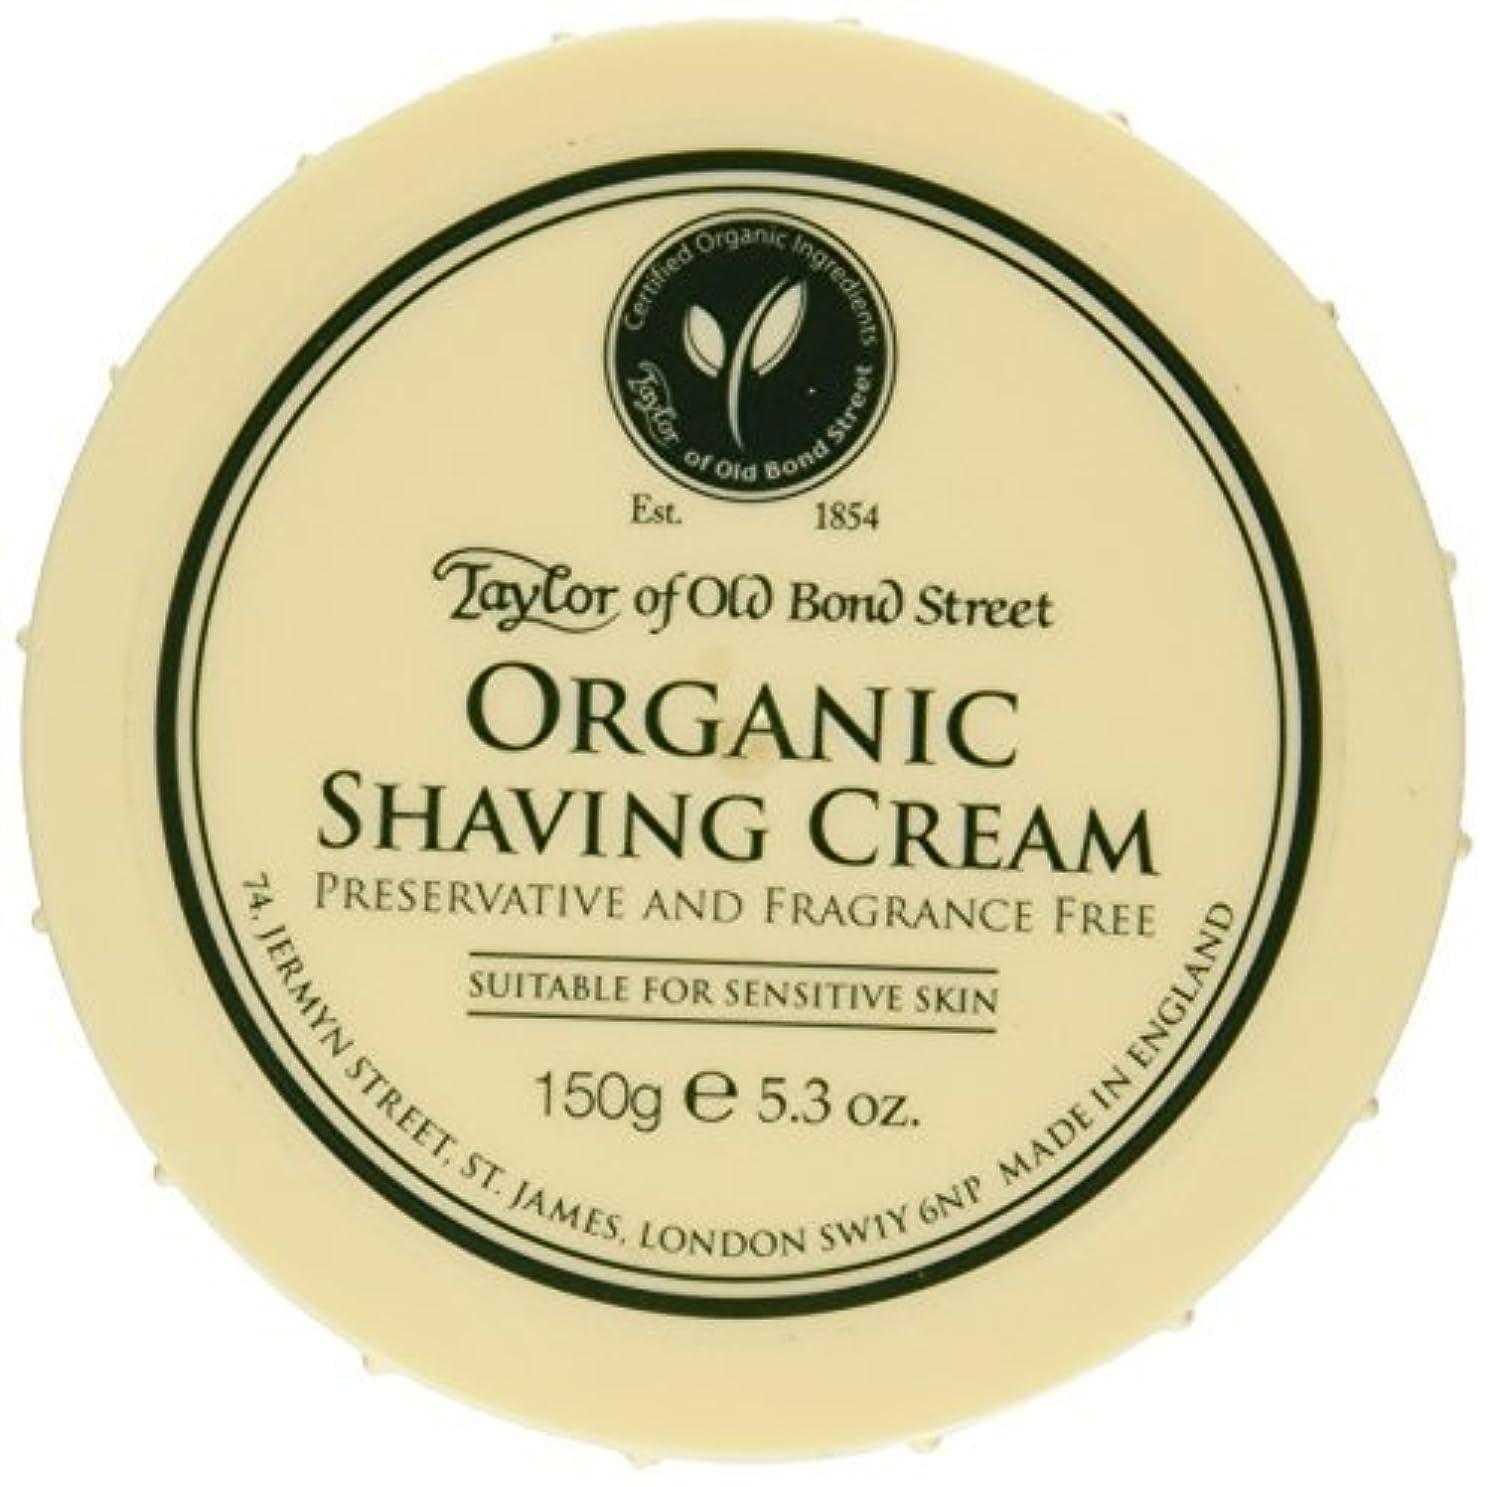 いつも嫌なバイバイTaylor of Old Bond Street Organic Shaving Cream Bowl 150 g by Taylor of Old Bond Street [並行輸入品]